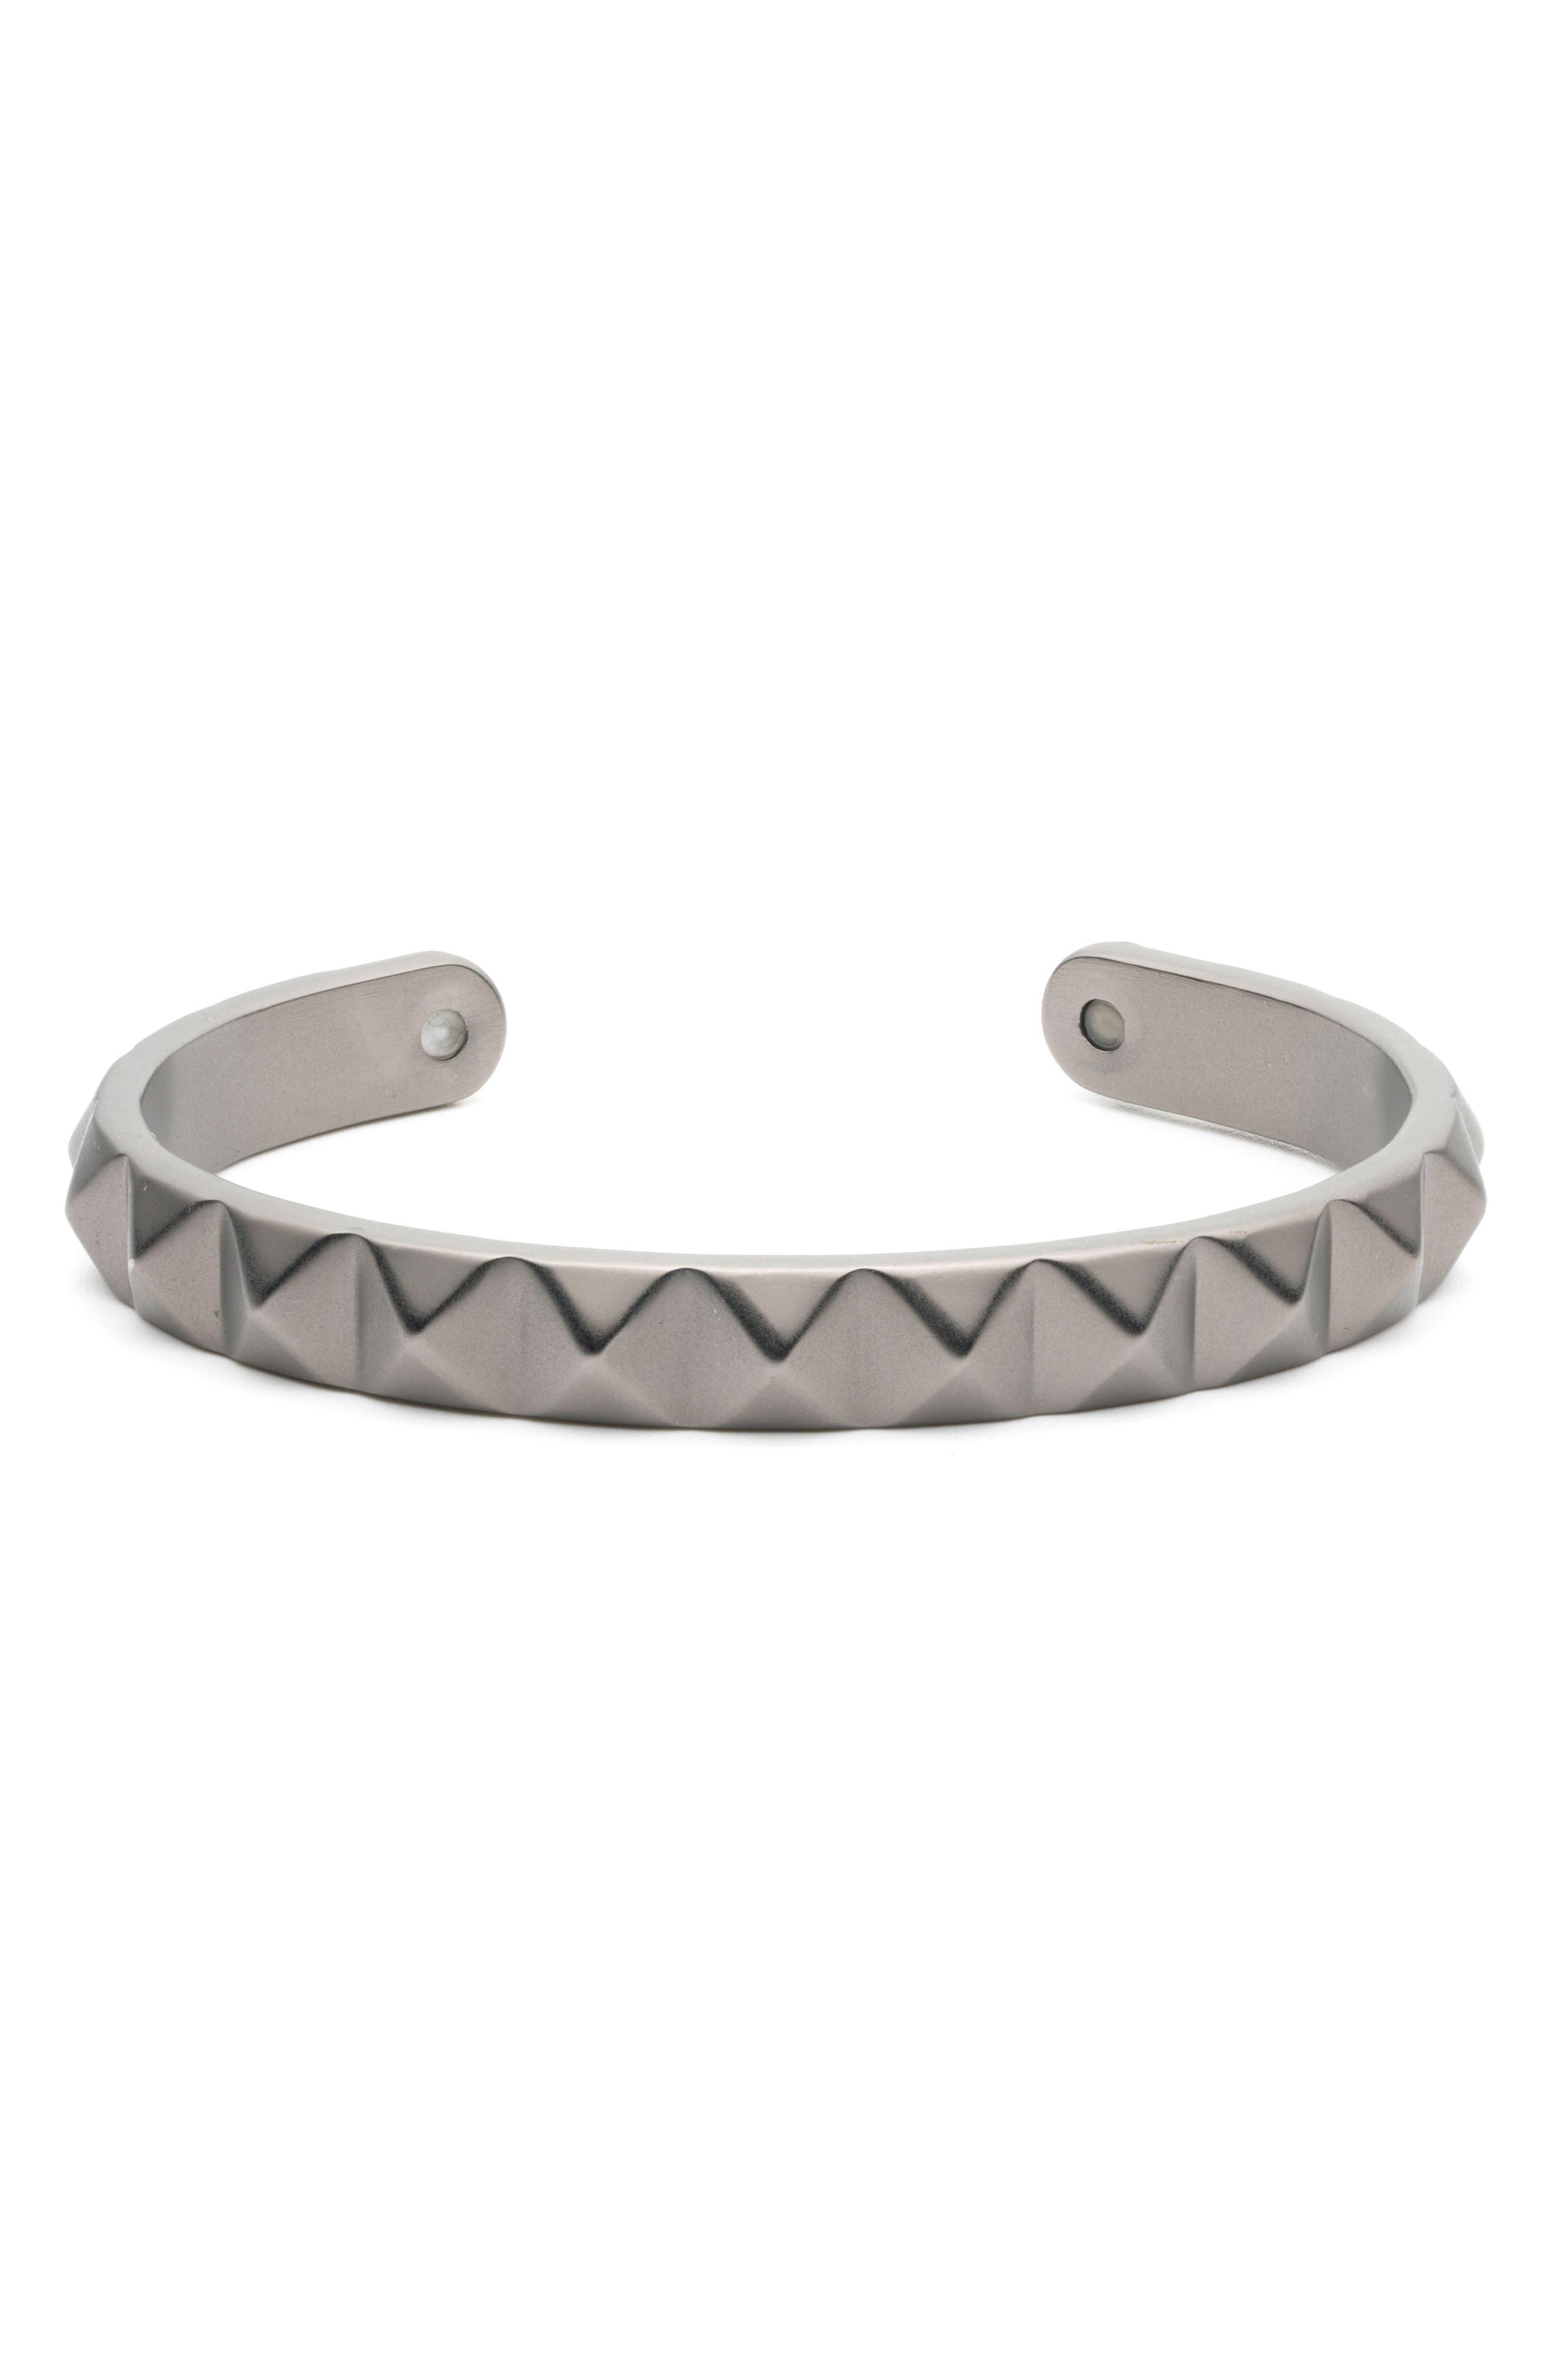 Cuff Bracelet,                             Main thumbnail 1, color,